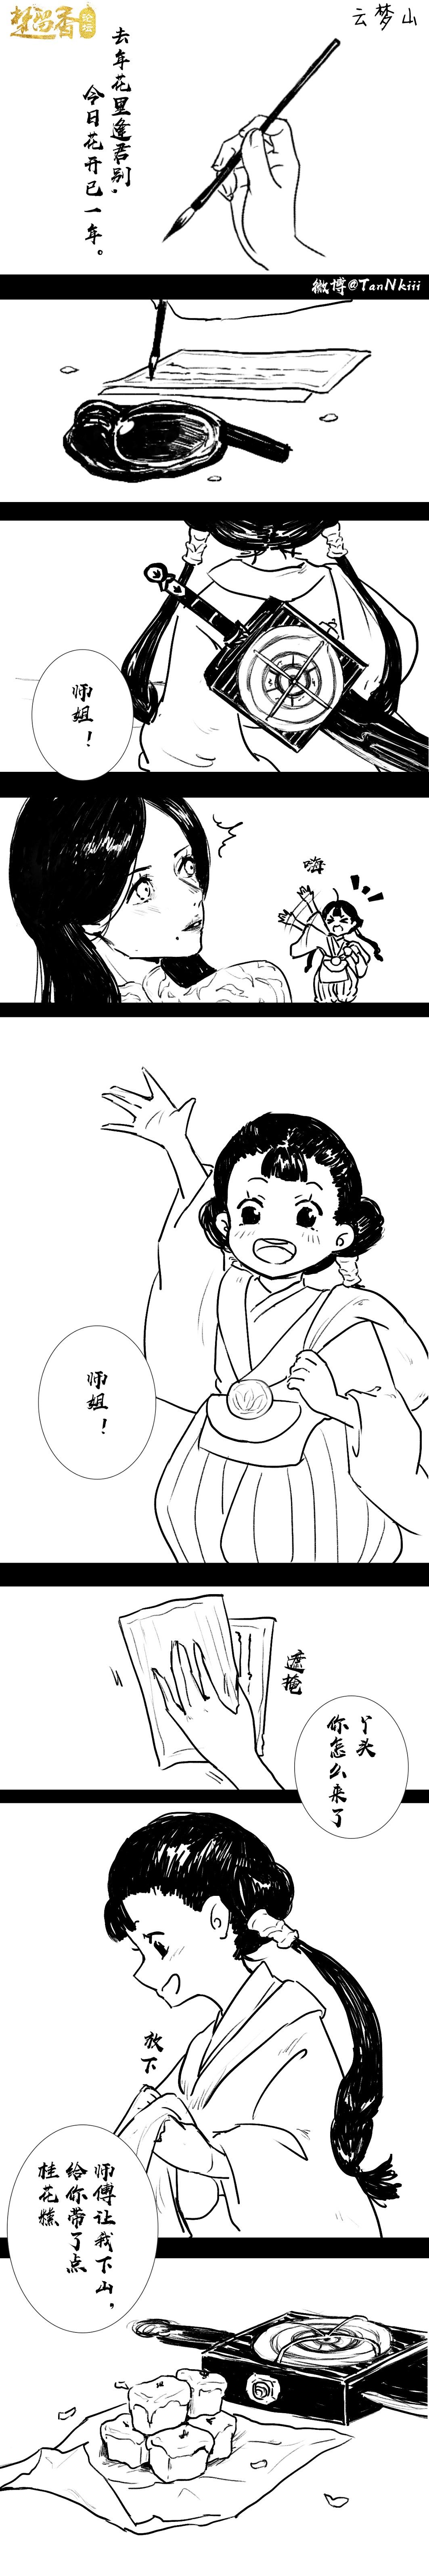 【江湖笔墨客】云梦师姐的十年初心